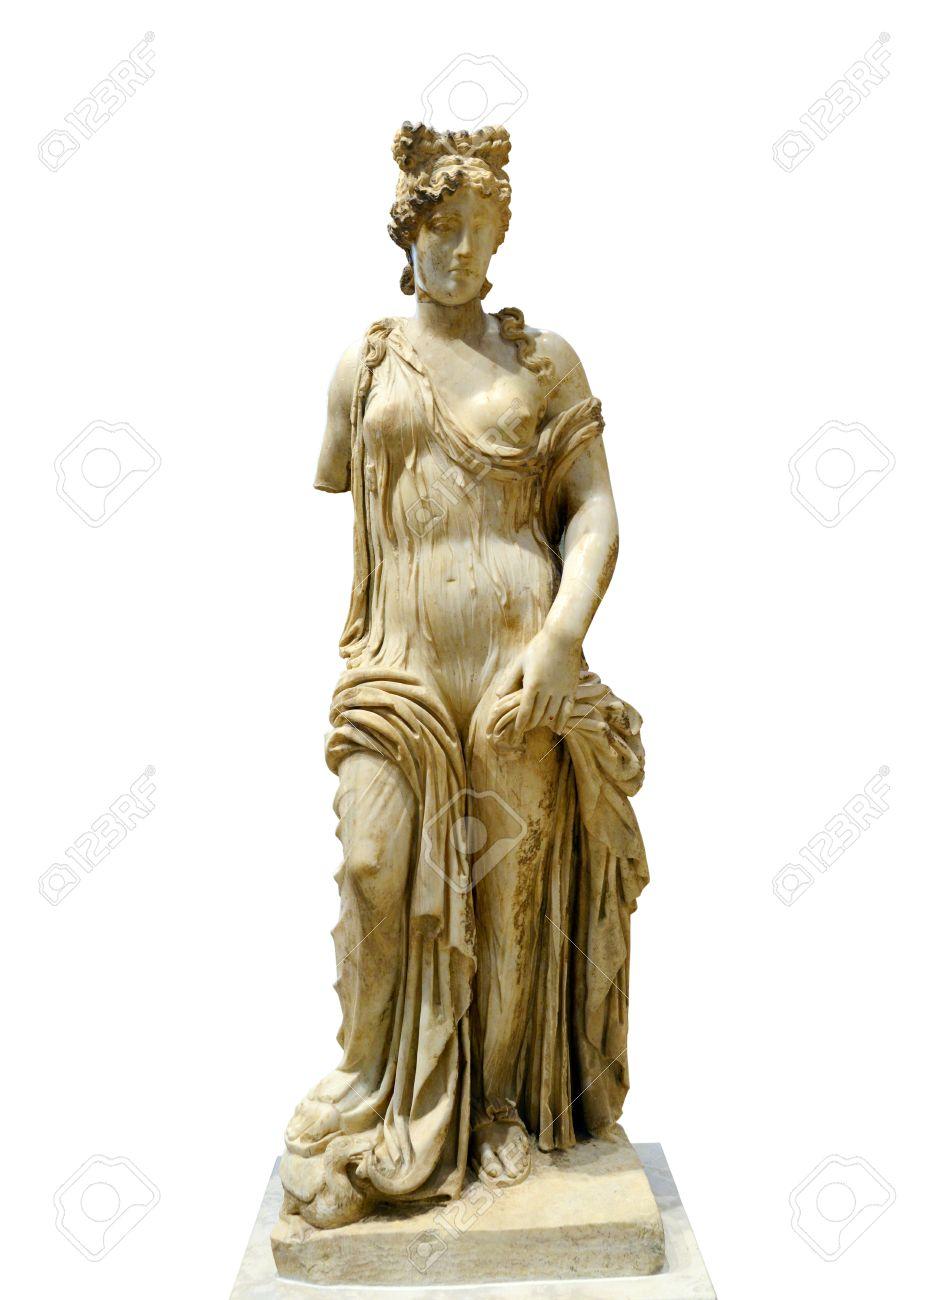 goddess of love